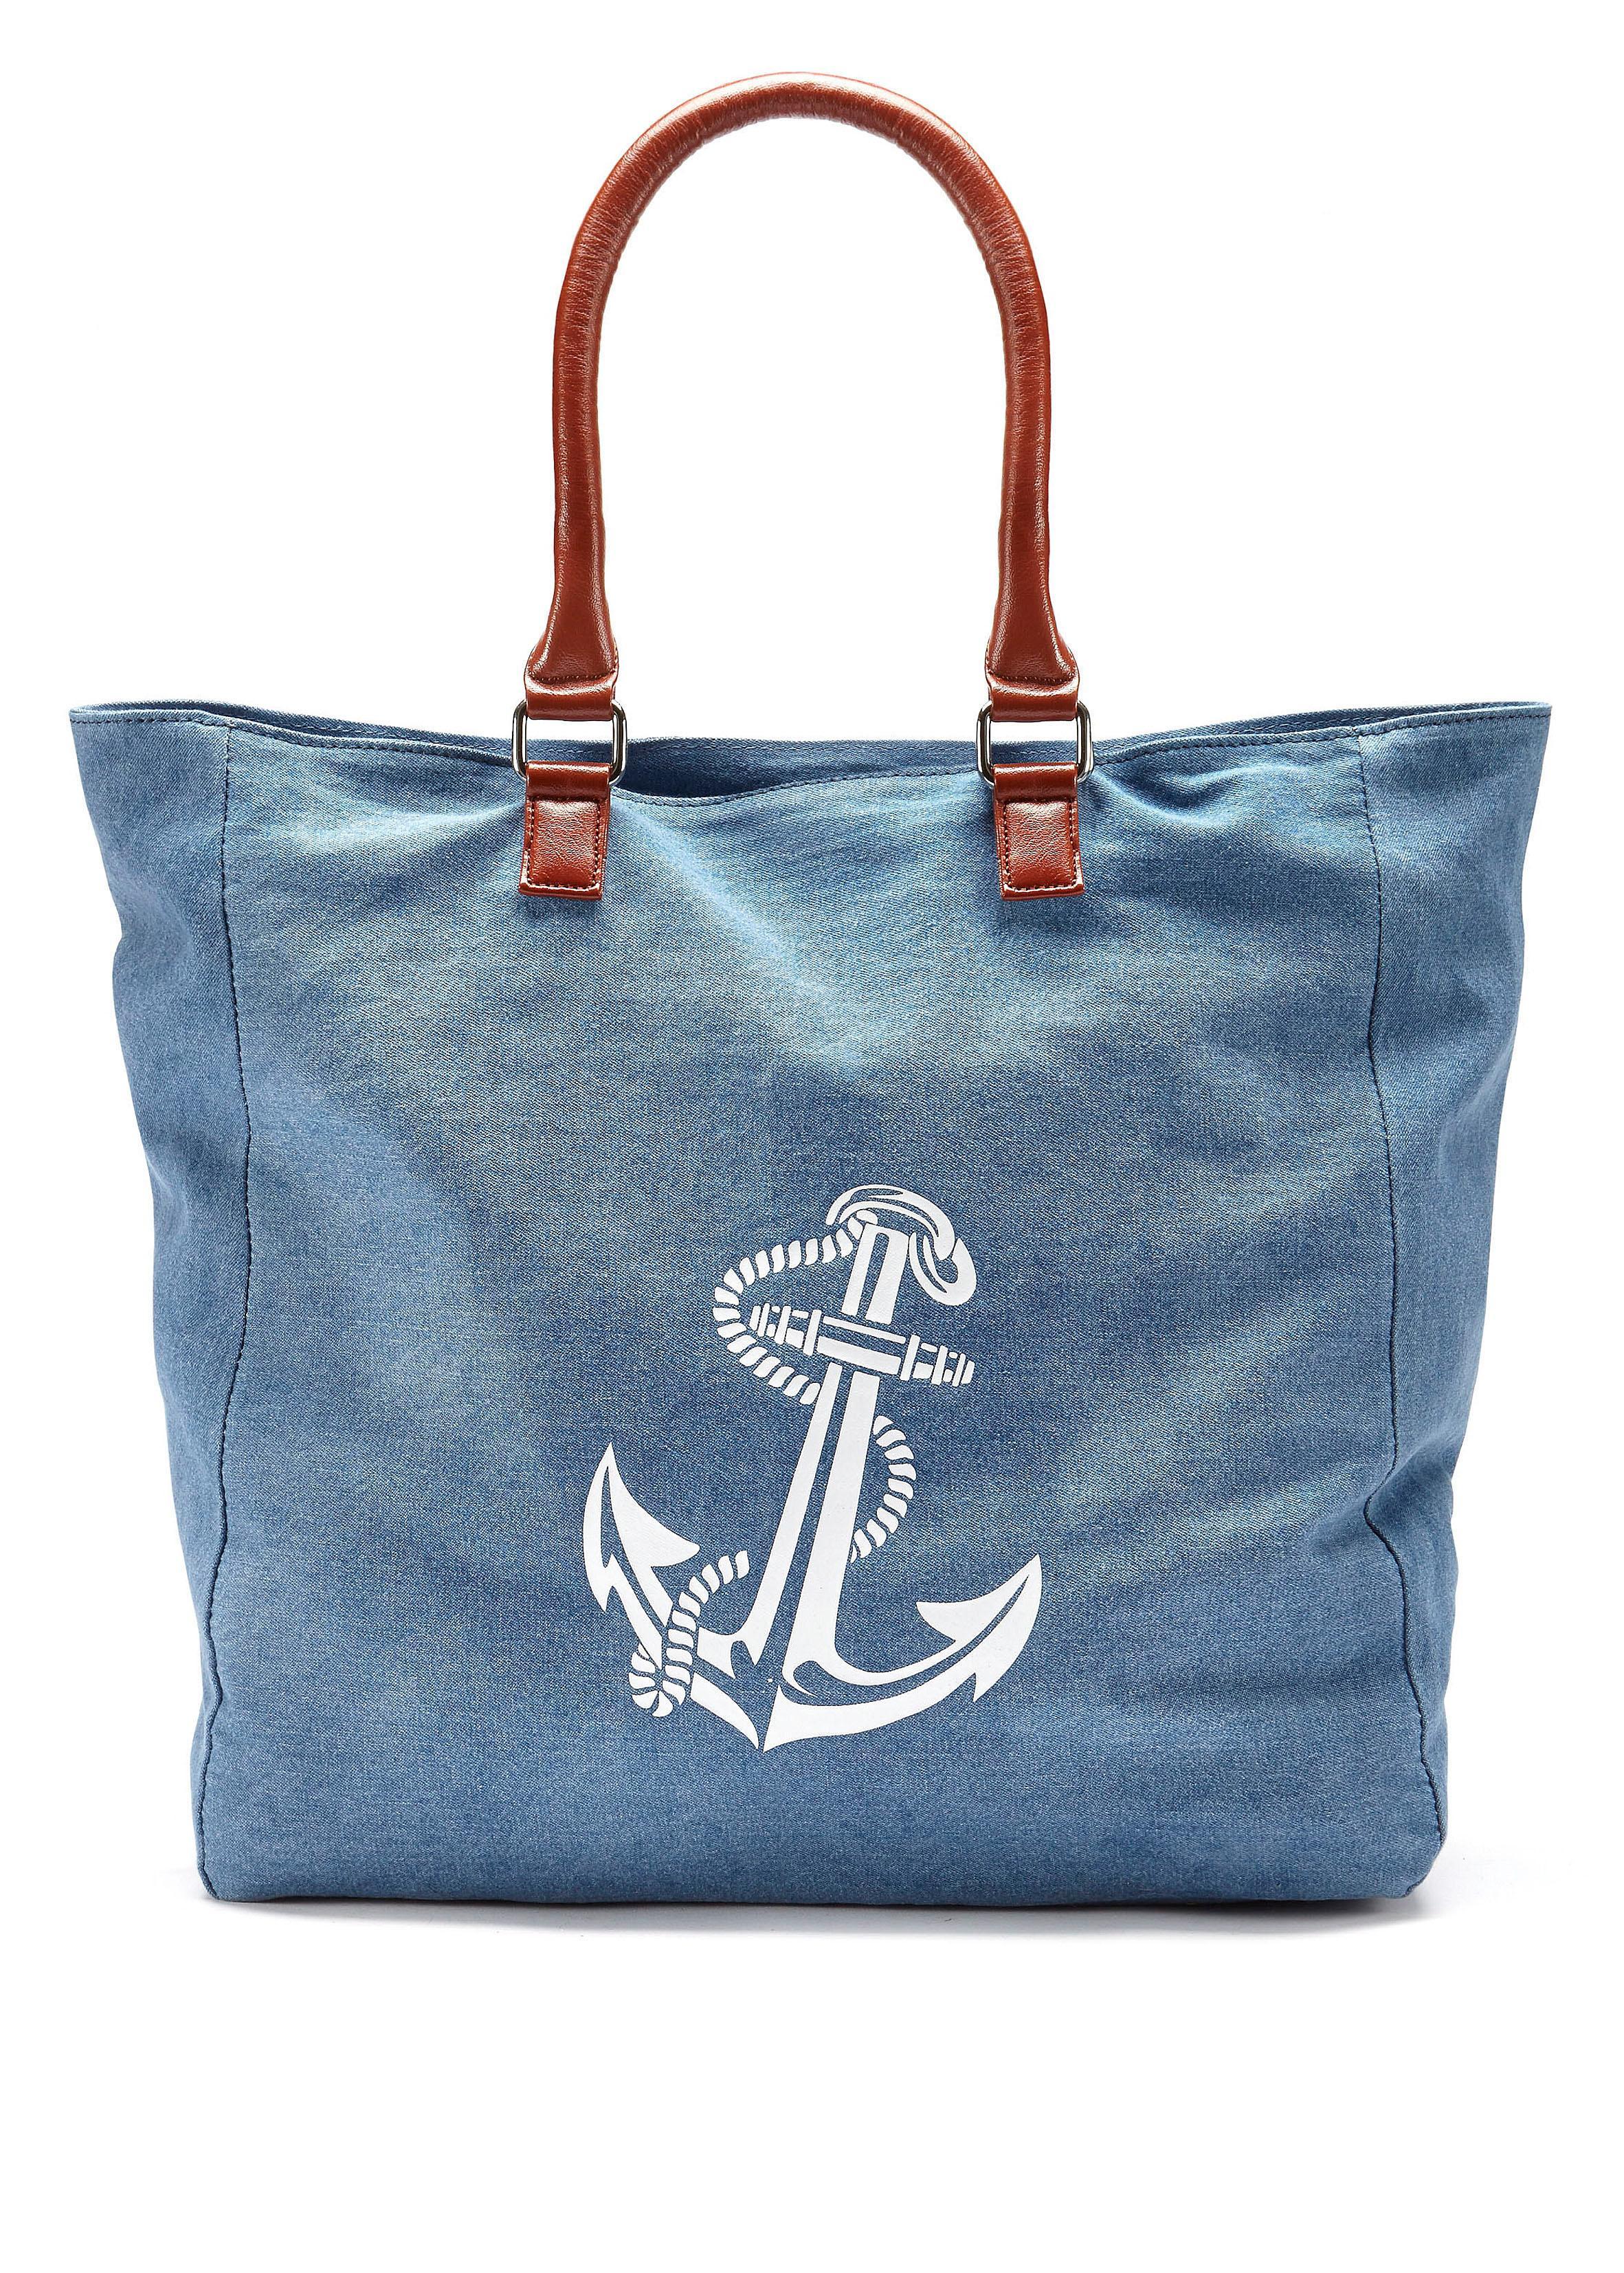 LASCANA Strandtasche | Taschen > Handtaschen > Strandtaschen | Lascana